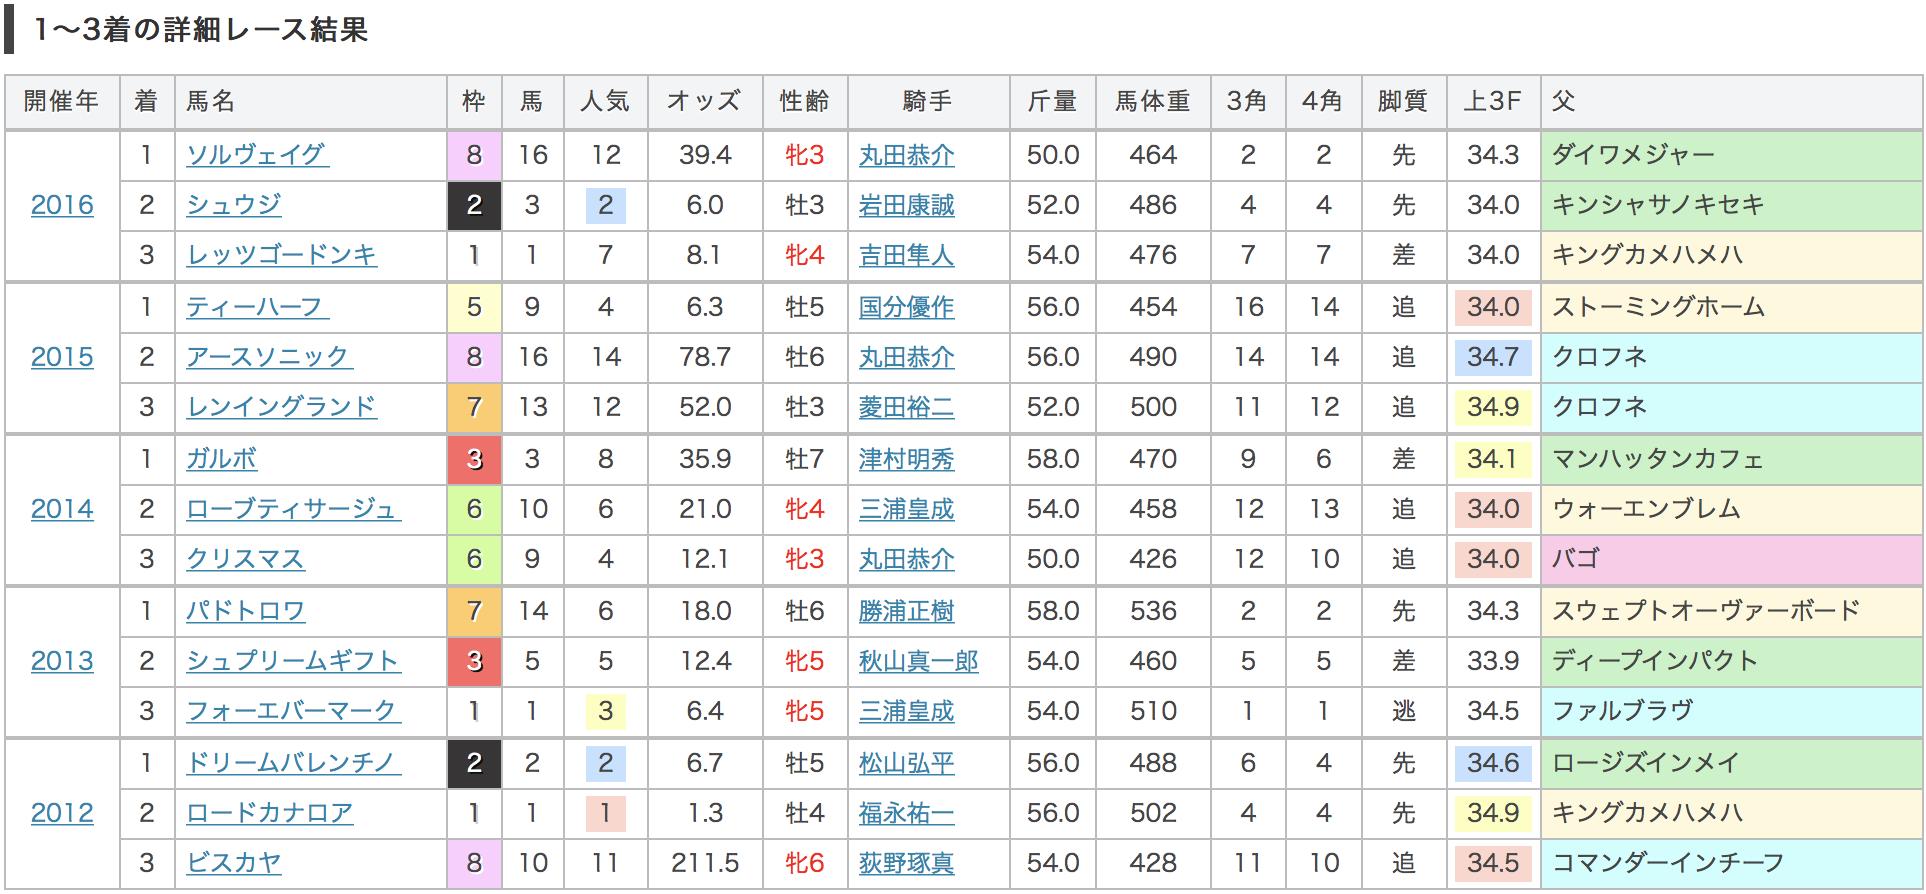 函館スプリトステークス2017過去5年の結果